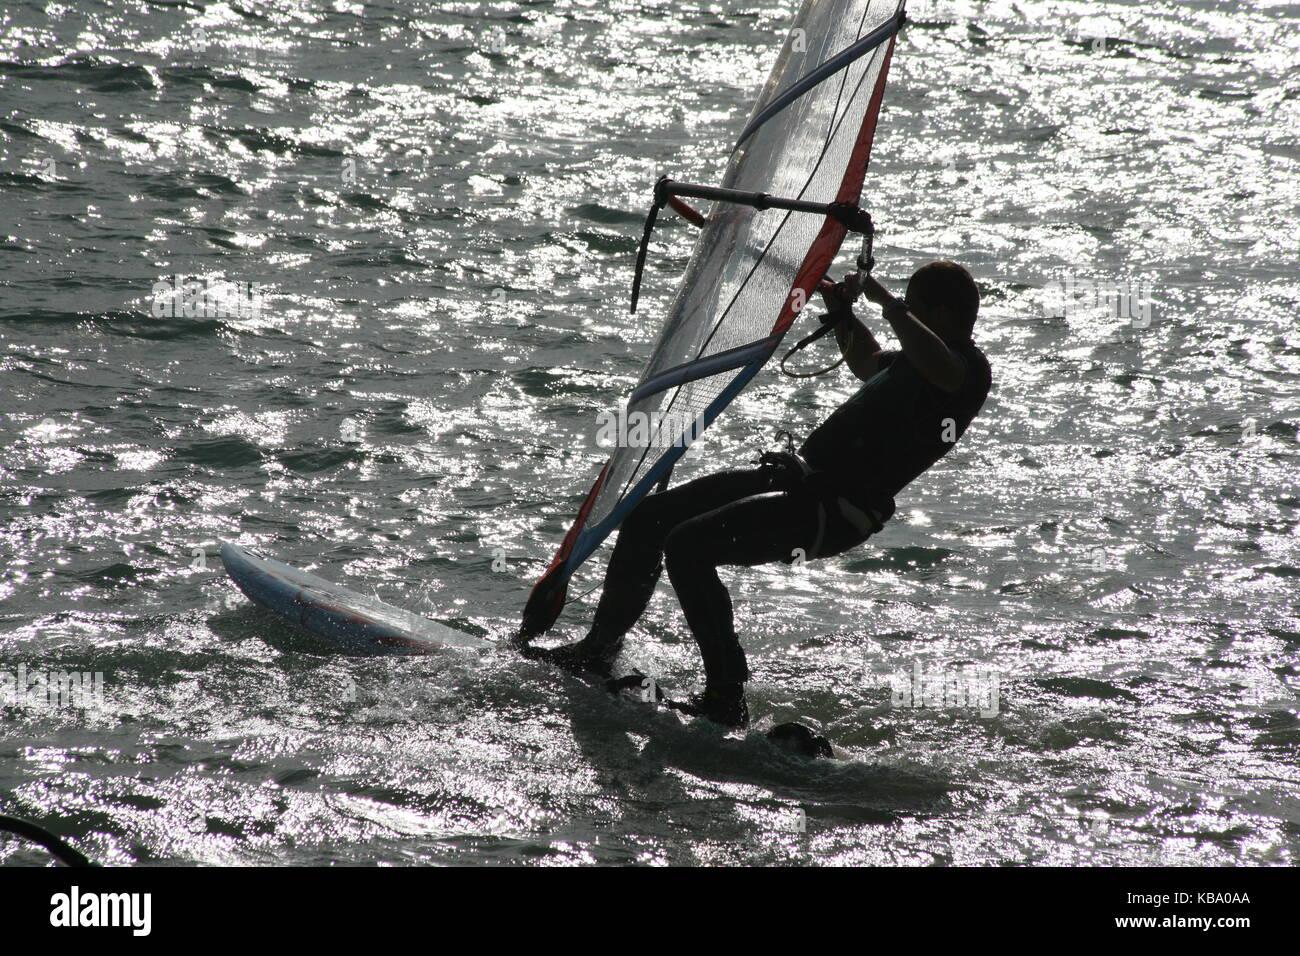 Surfer auf Surfboard mit Segel - Stock Image